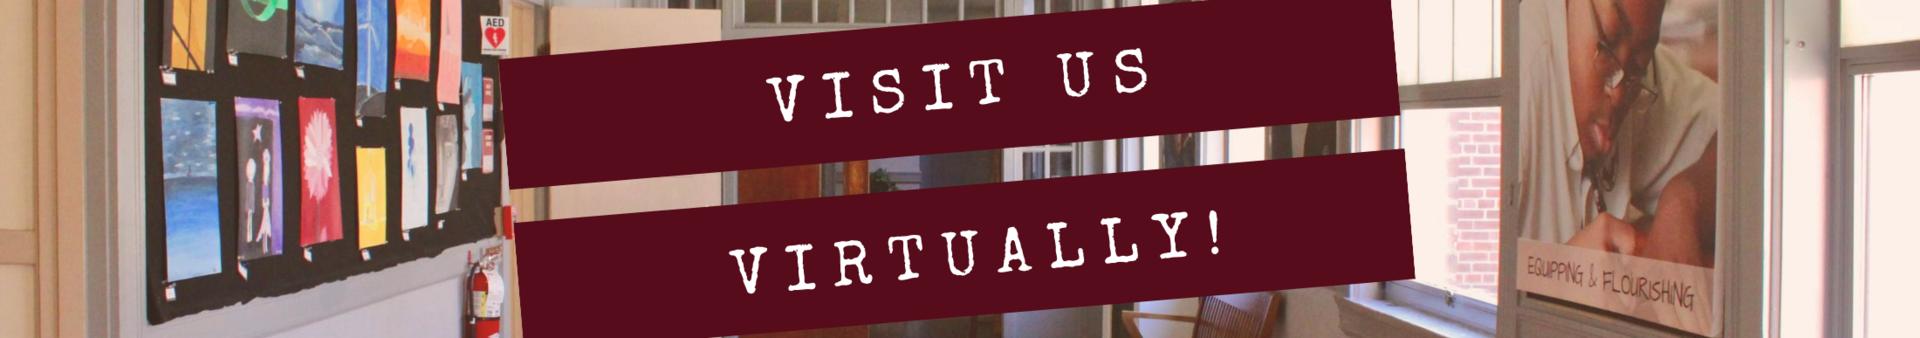 Visit us virtually!